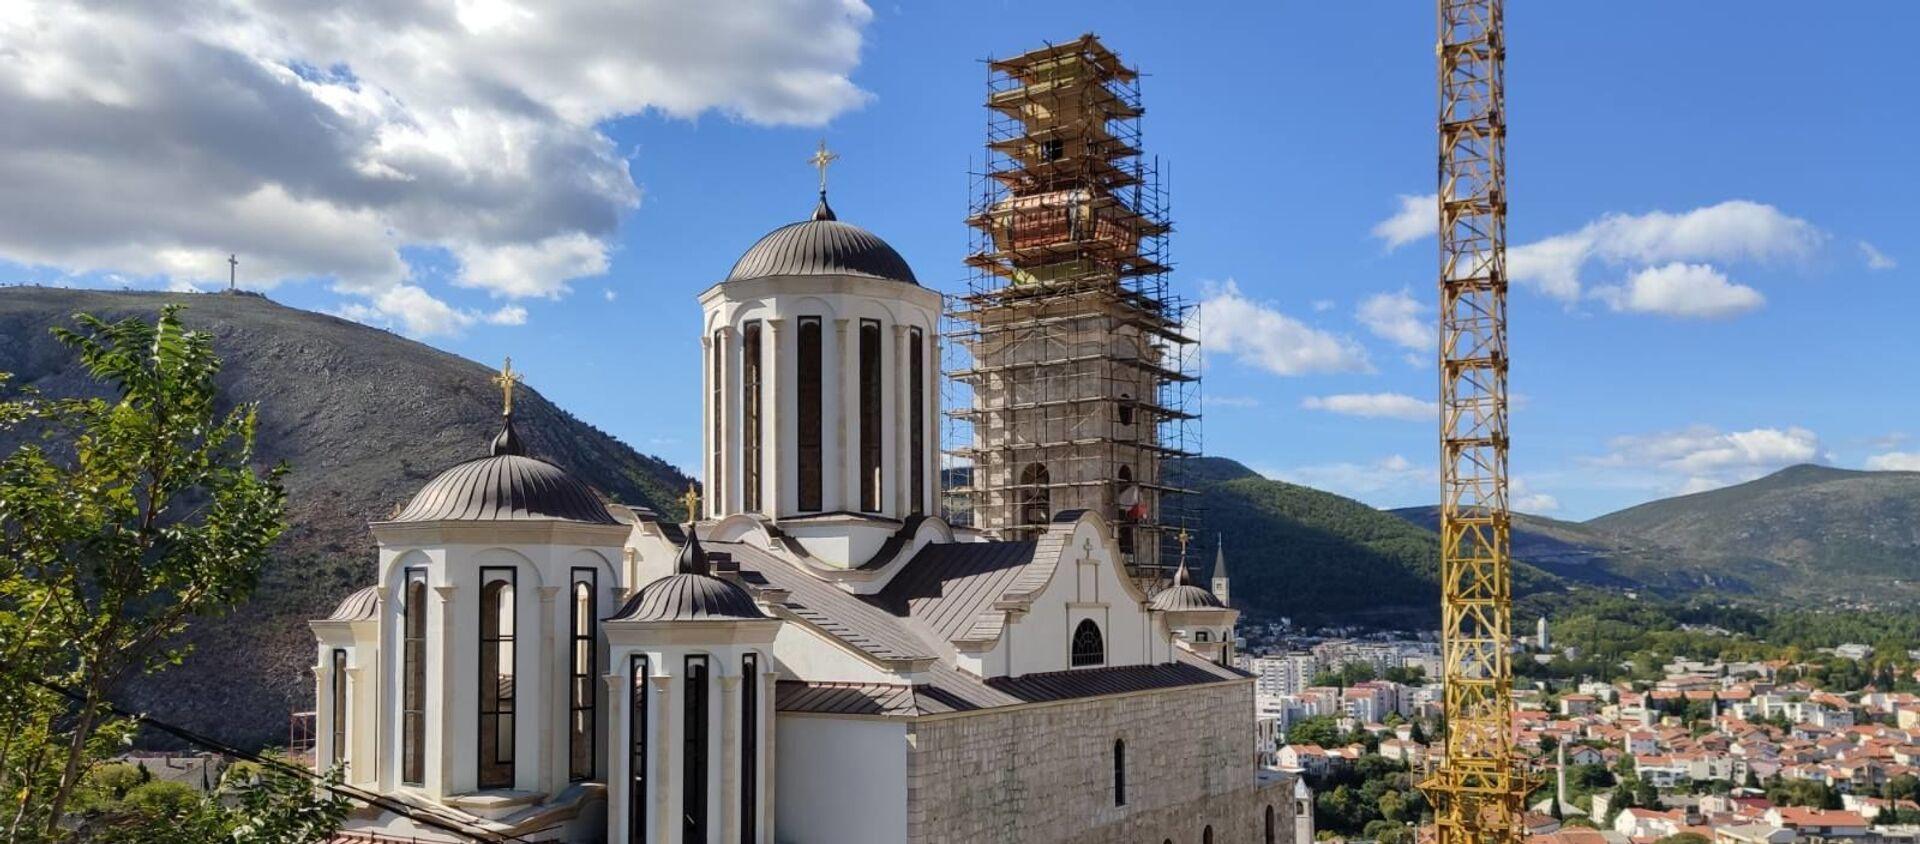 Crkva je spomenik kulture BiH, bila je pod zaštitom UNESKO-a, a i po Dejtonskom sporazumu mora da izgleda identično kao njena prethodnica, da bude istih dimenzija, ali i od istog materijala.  - Sputnik Srbija, 1920, 25.04.2021